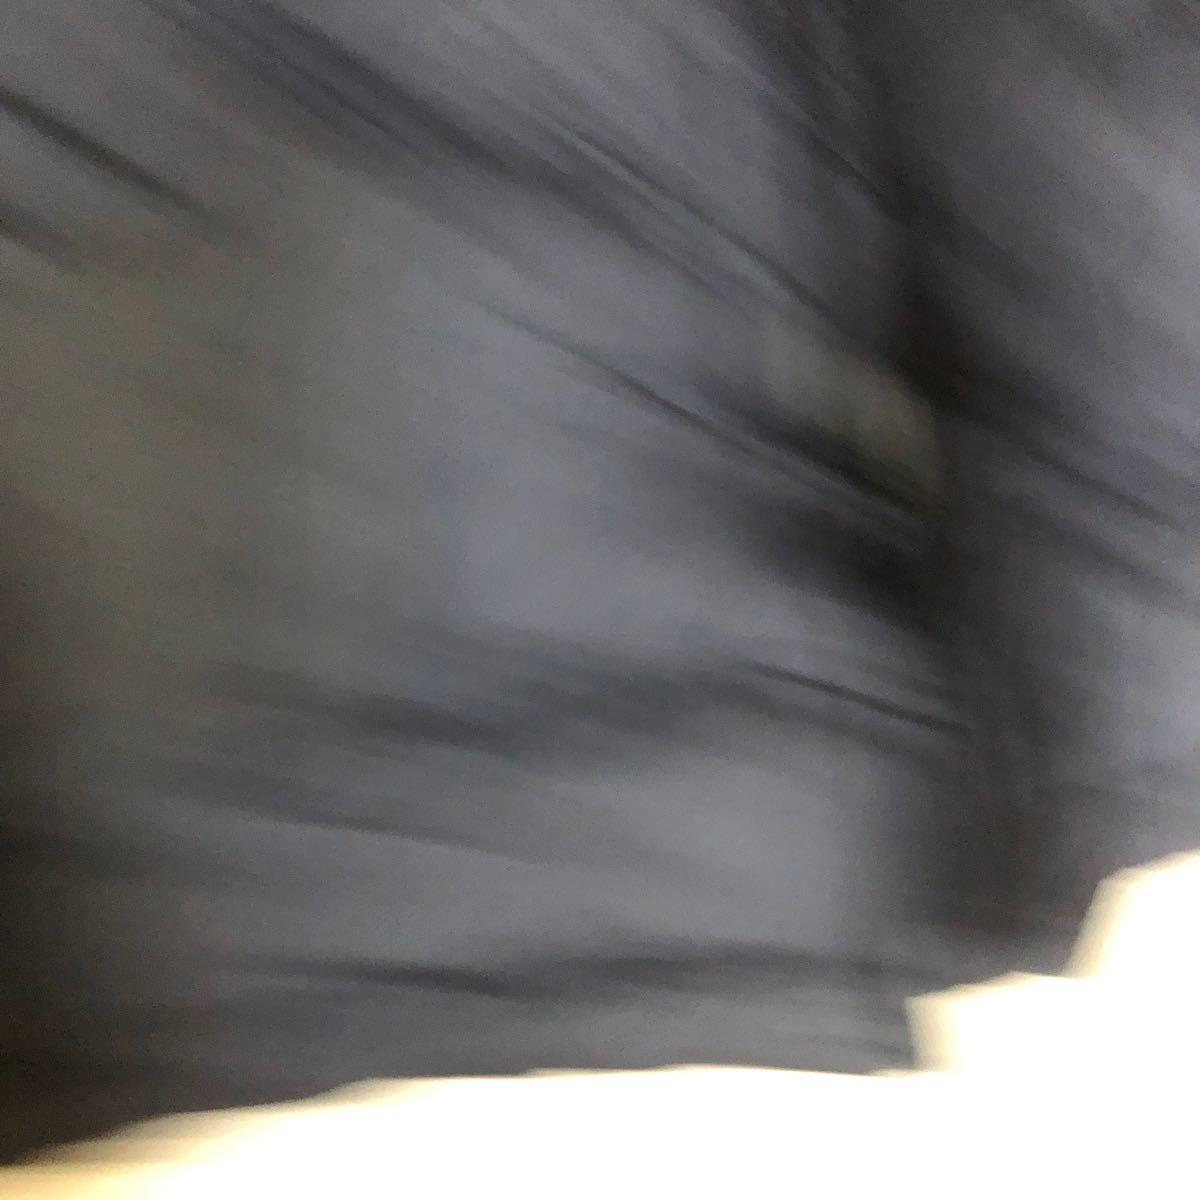 ダウンジャケット ツートン S〜Mサイズ お得 安い 黒 紫 おしゃれ ダウンコート